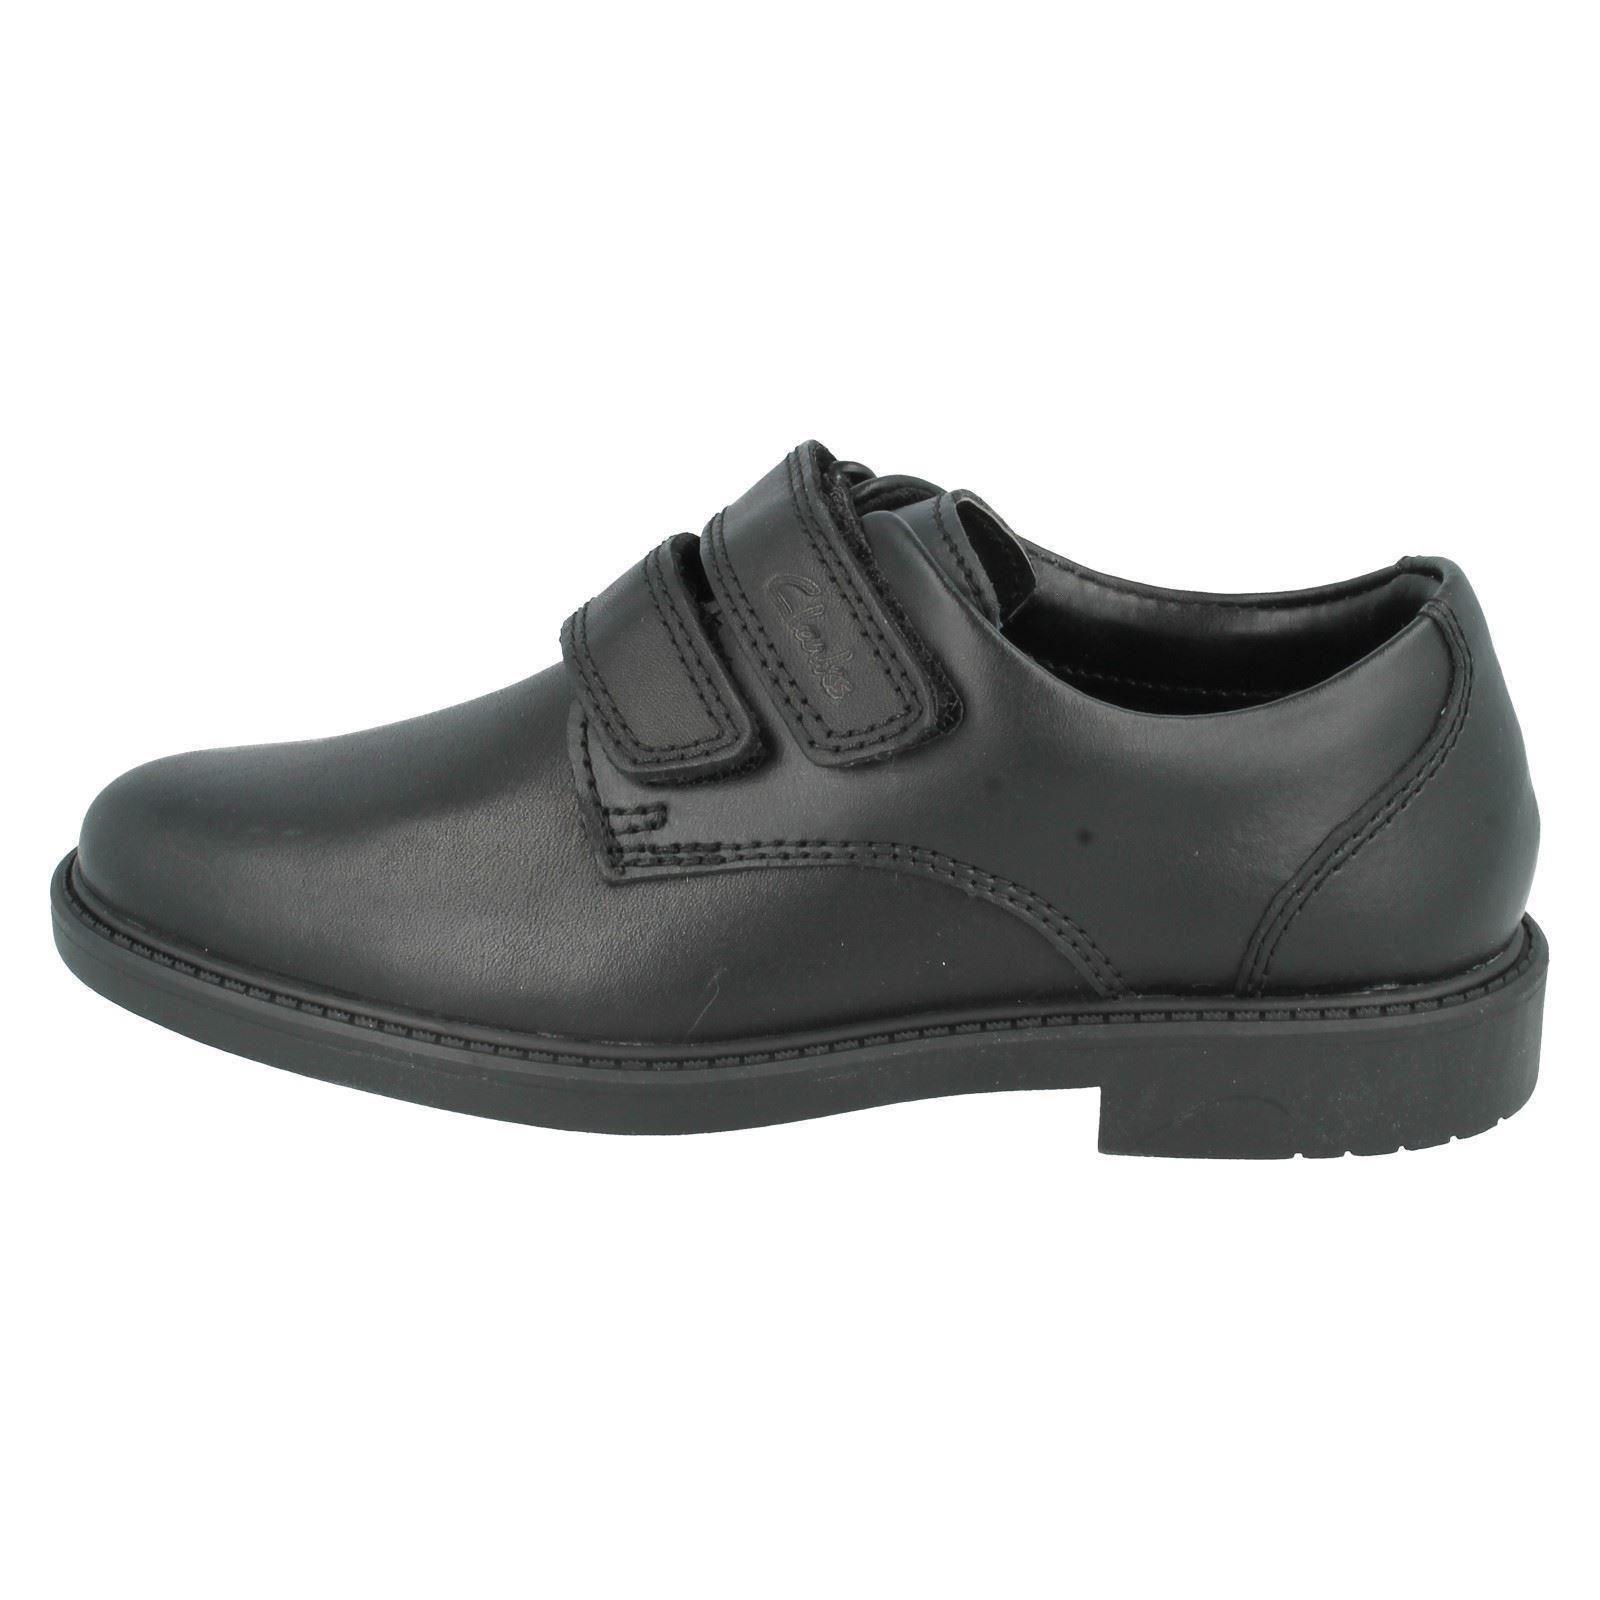 Los chicos calzado Clarks el estilo-Deon Estilo